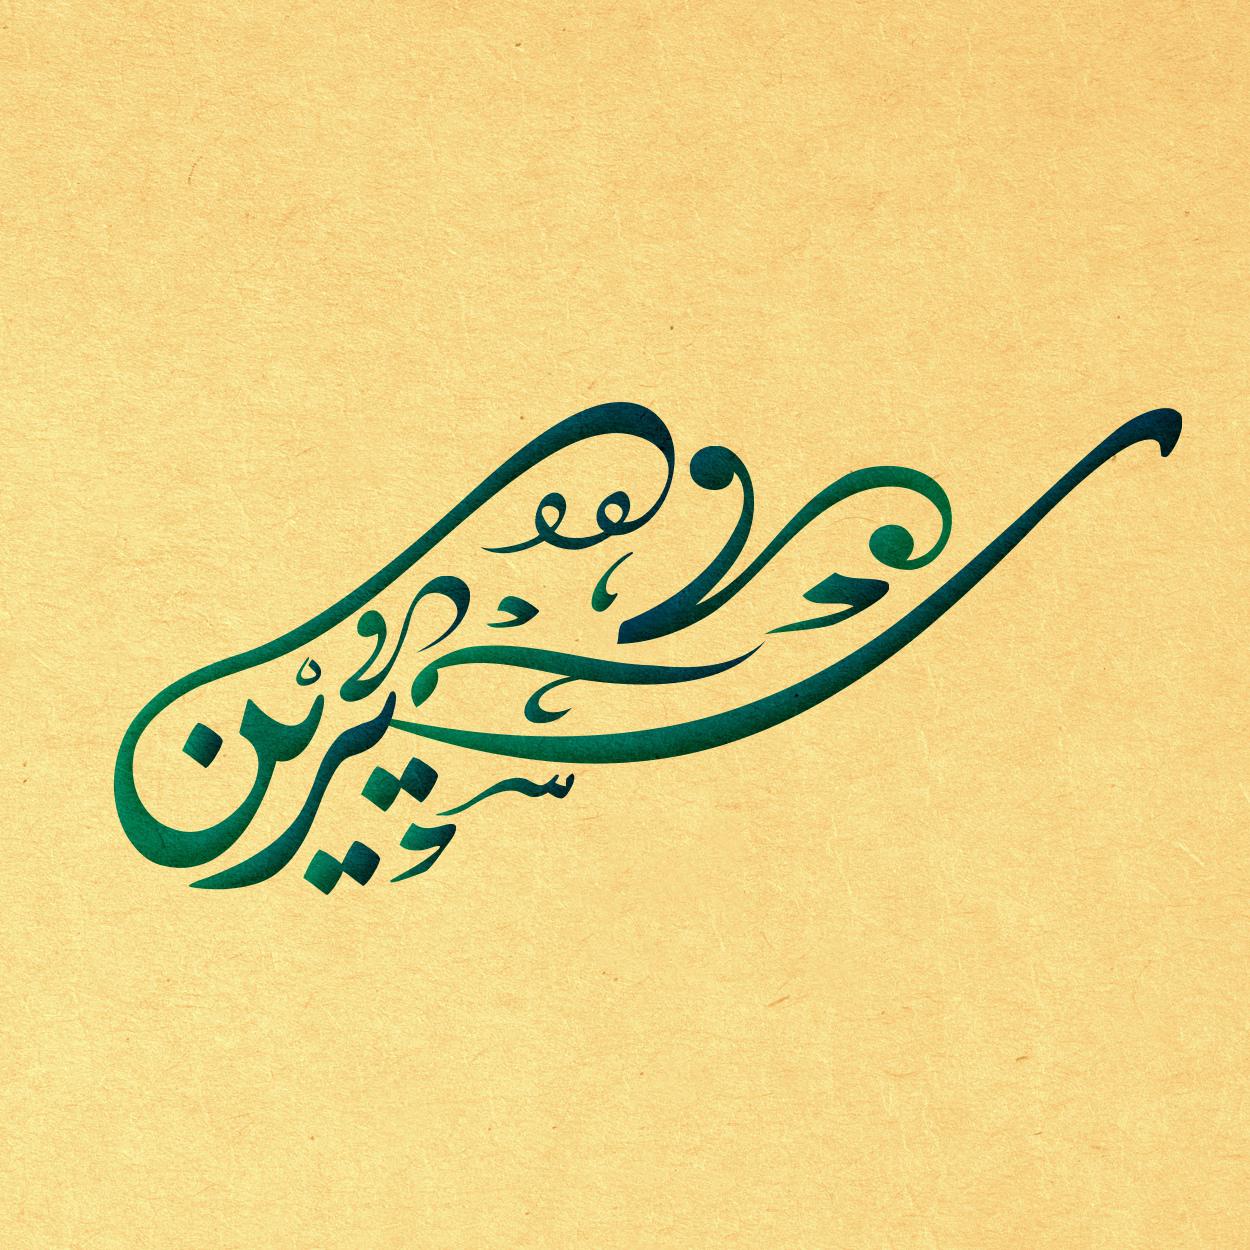 بالصور زخرفة اسماء , طرق جميلة لكتابة الاسماء بطريقة مزخرفة 3801 1